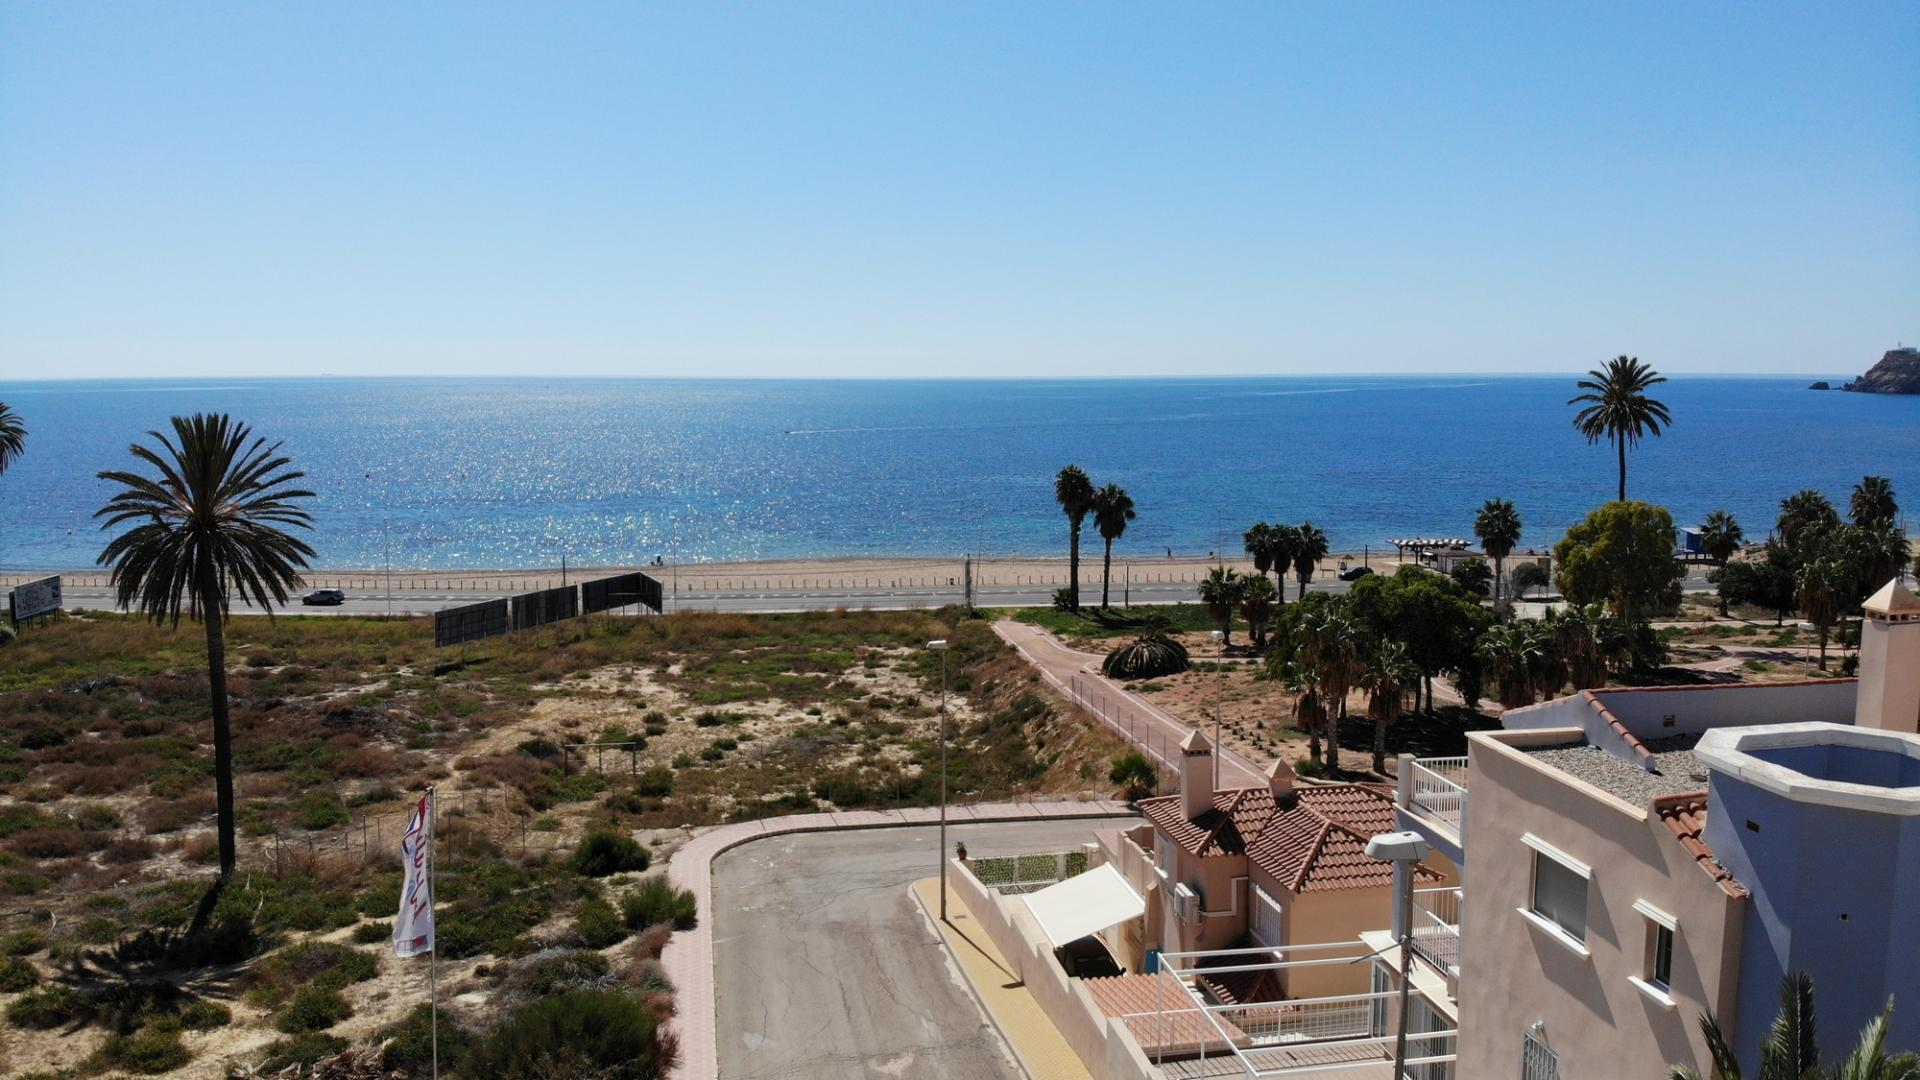 Residential Volamar - Puerto de Mazarron (Murcia)